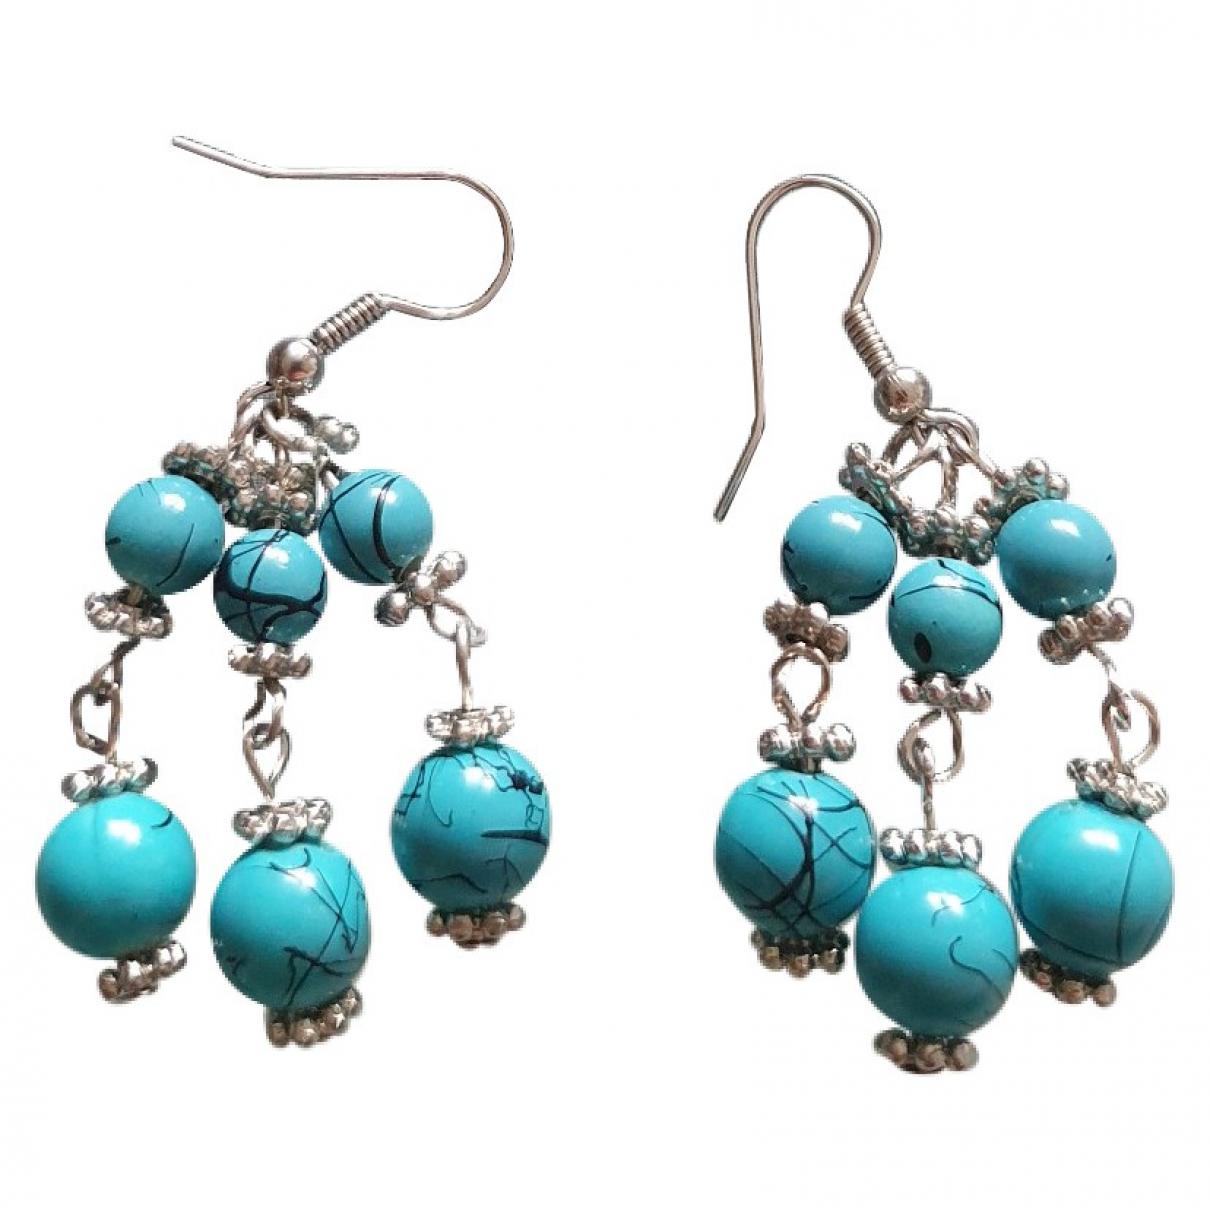 - Boucles doreilles Turquoises pour femme en plaque argent - turquoise